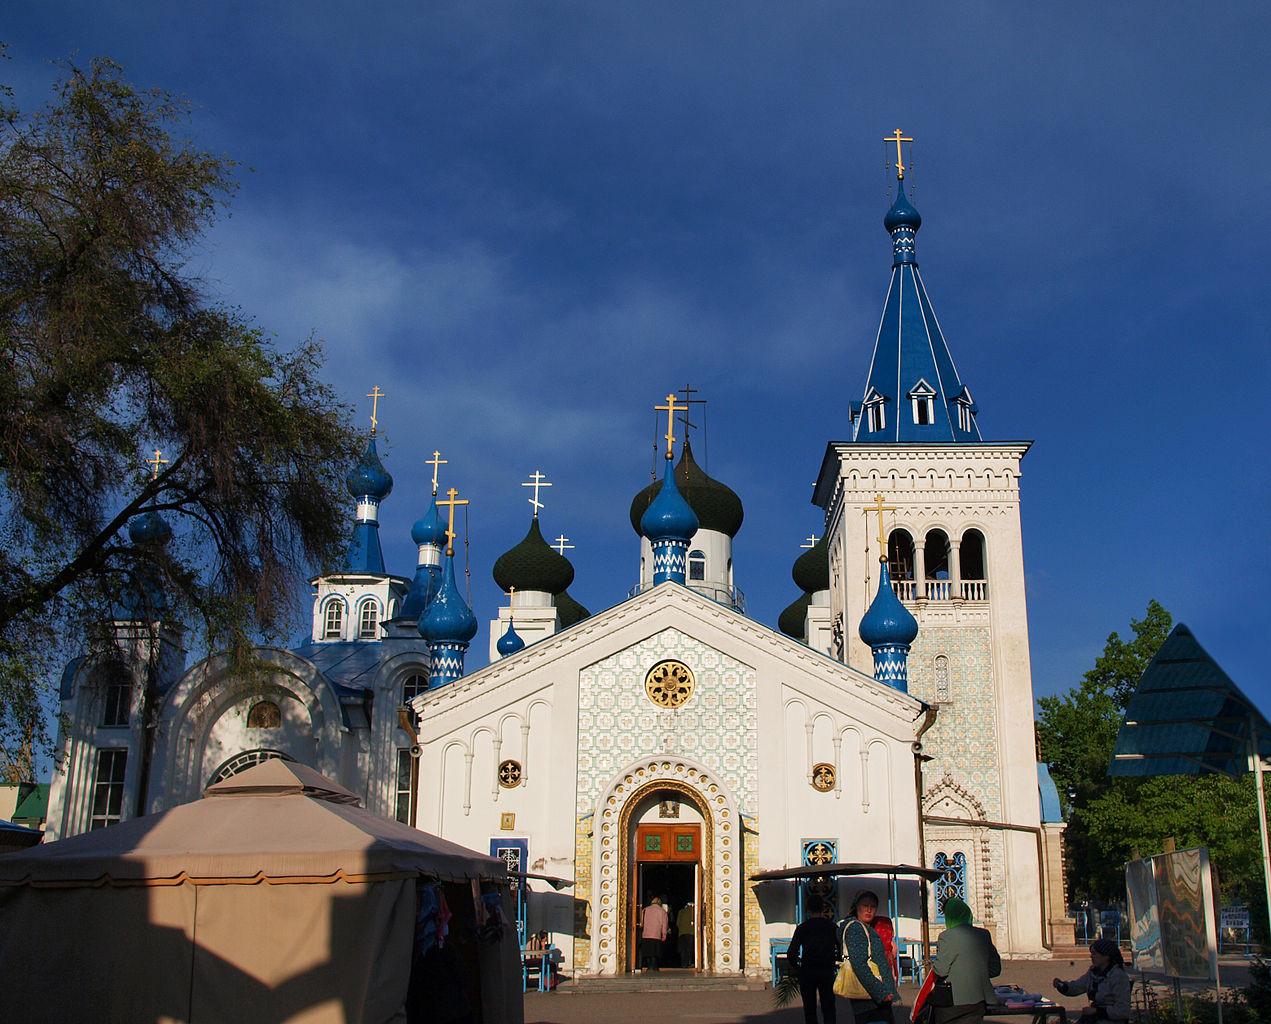 Храм Васкрсења Господњег у Бишкеку, Киргиска ССР (данас држава Киргизија), подигнут 1944-1947.